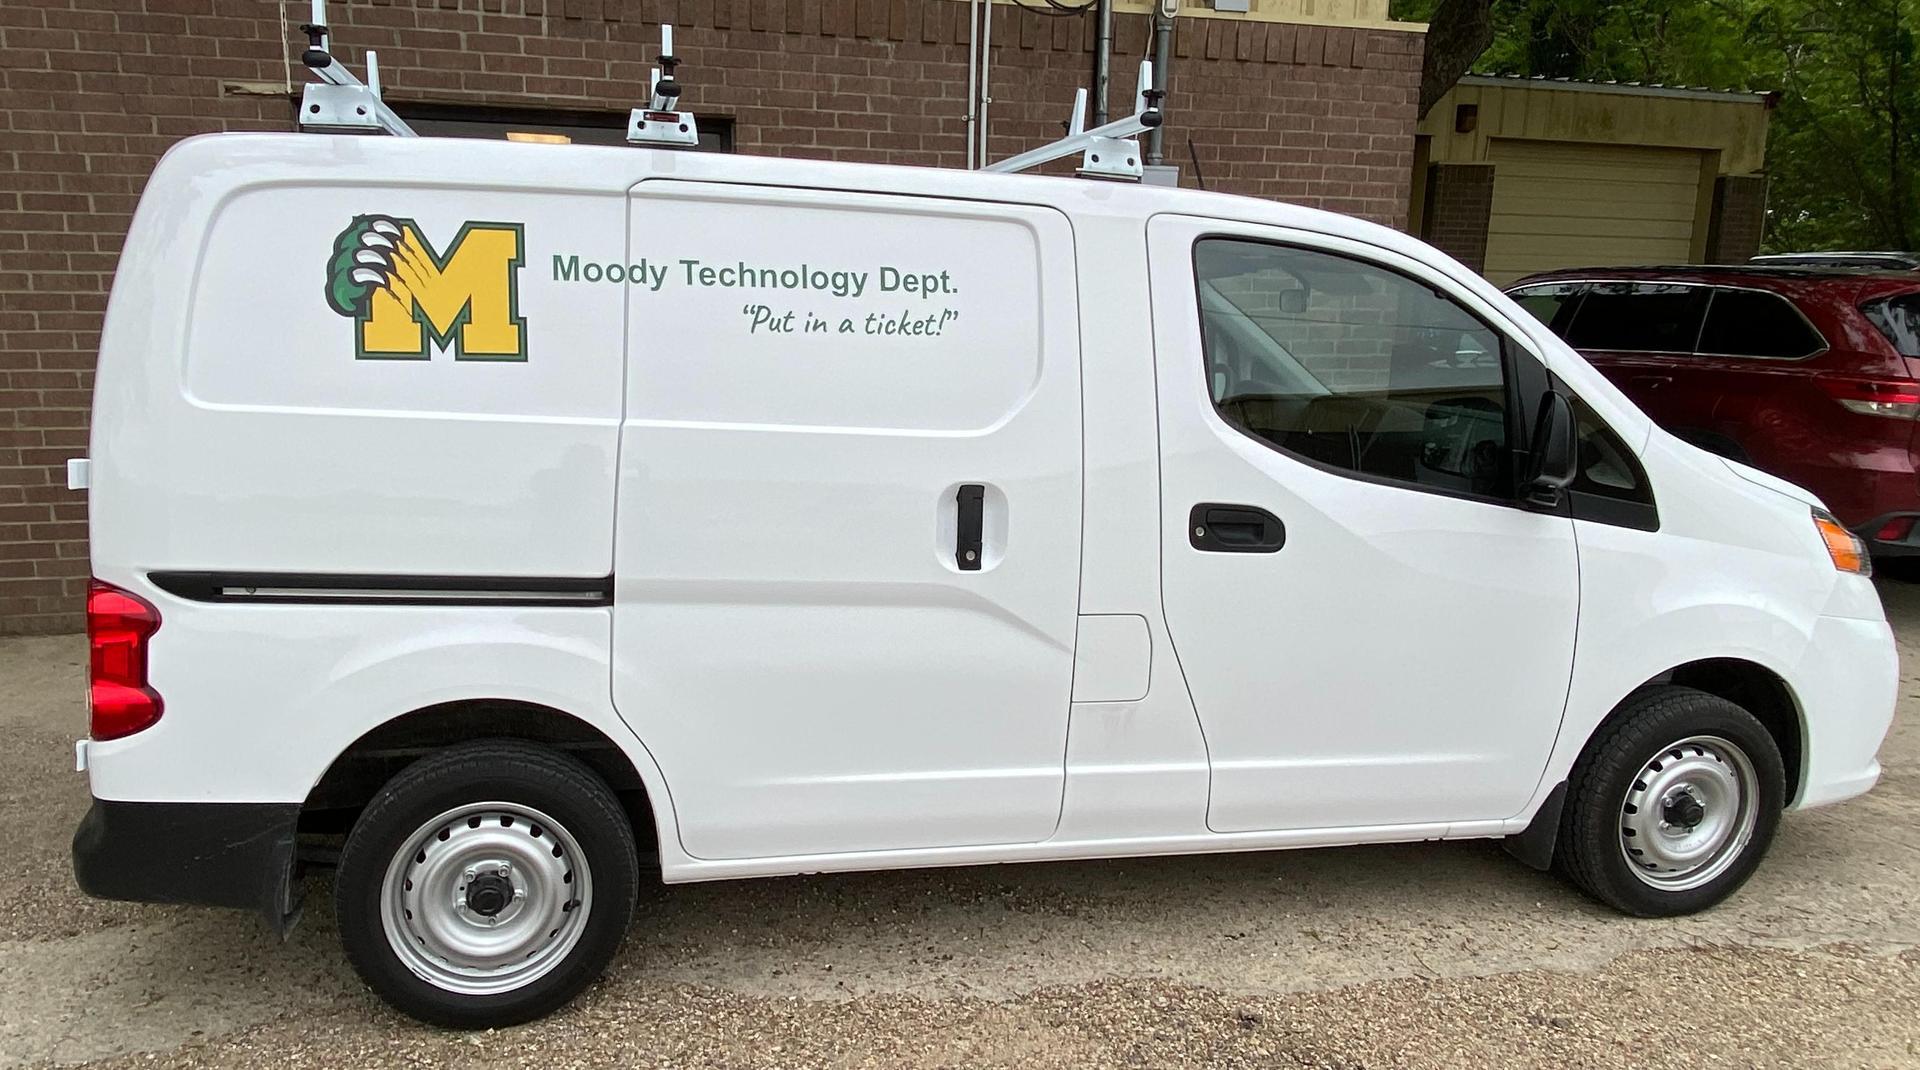 Tech Dept Van